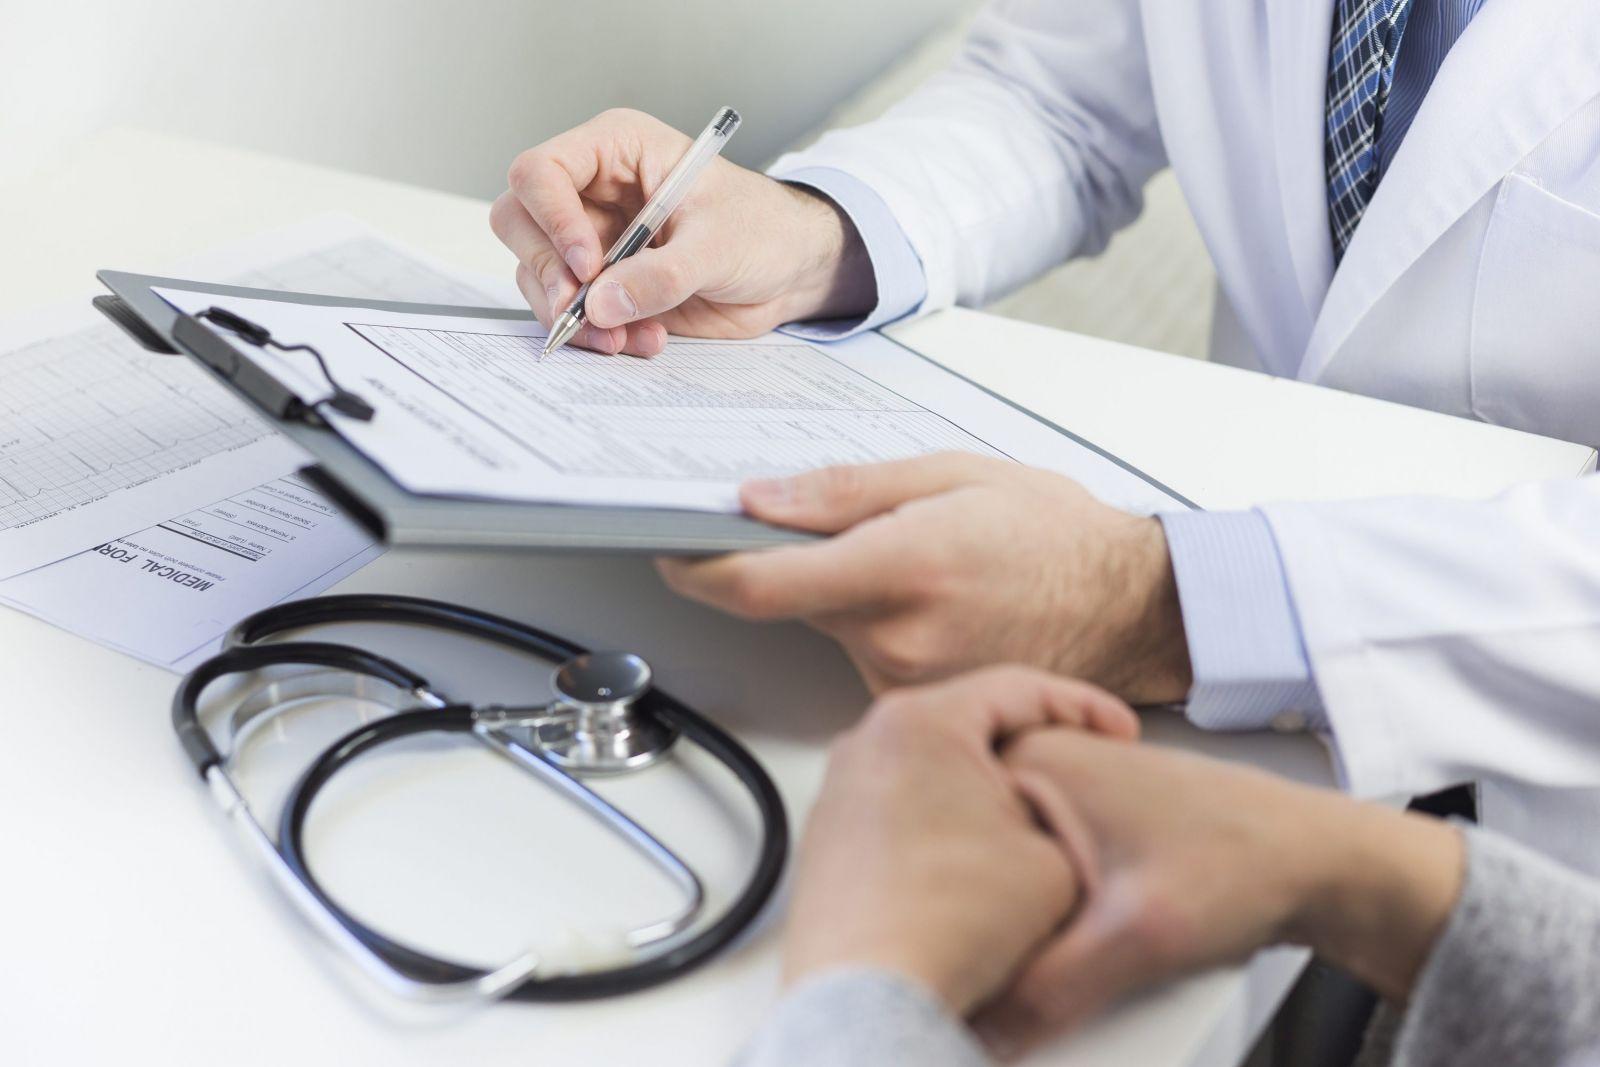 Receitas médicas passam a ter validade indeterminada durante a pandemia